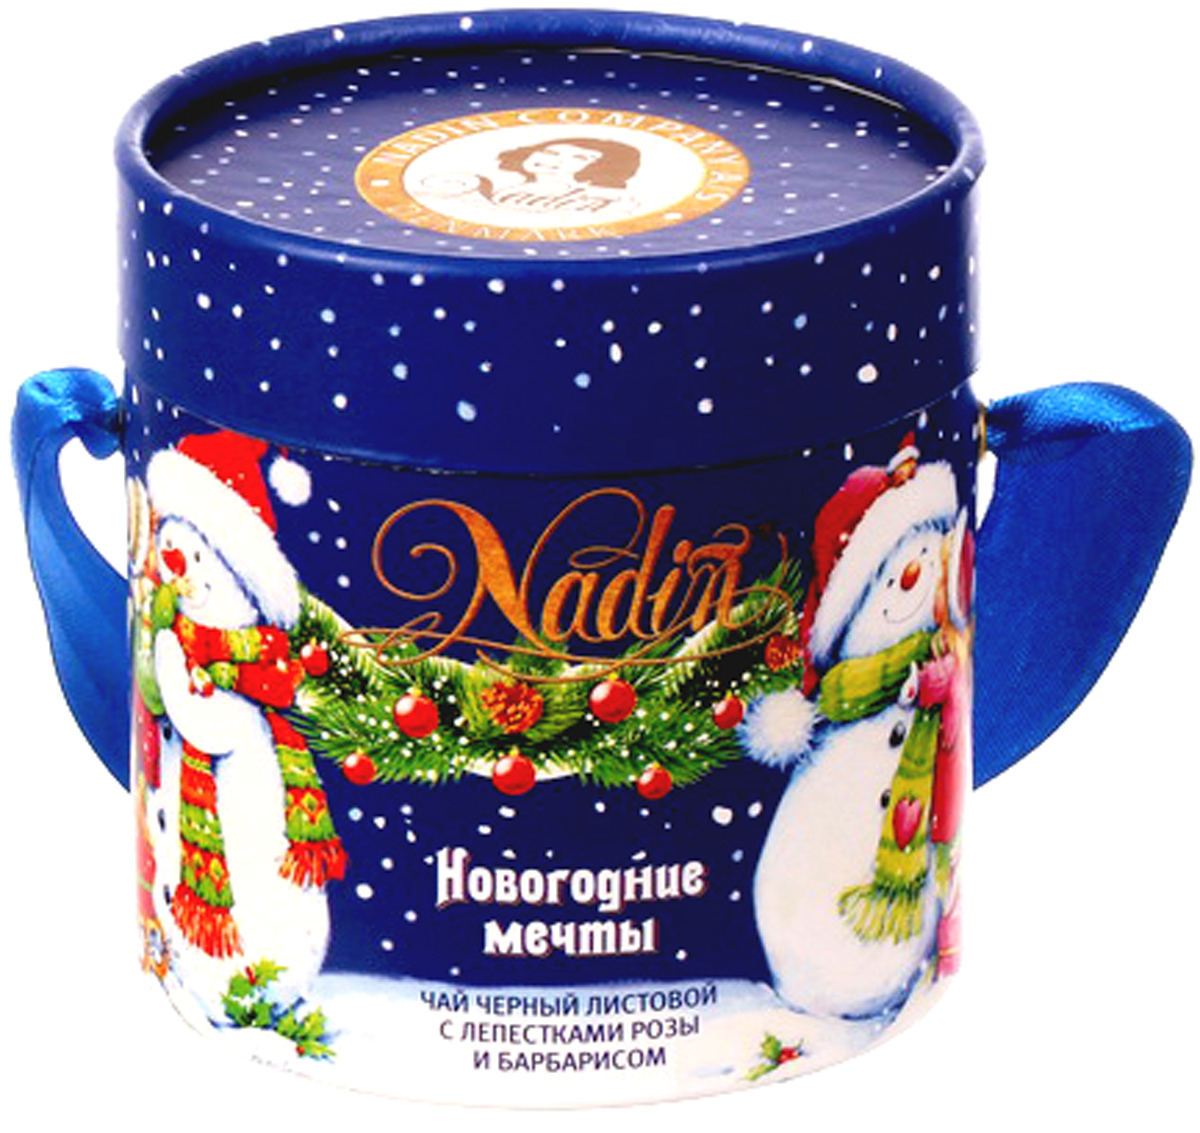 Nadin Новогодние мечты чай черный листовой, 50 г дольче вита с рождеством христовым черный листовой чай 170 г